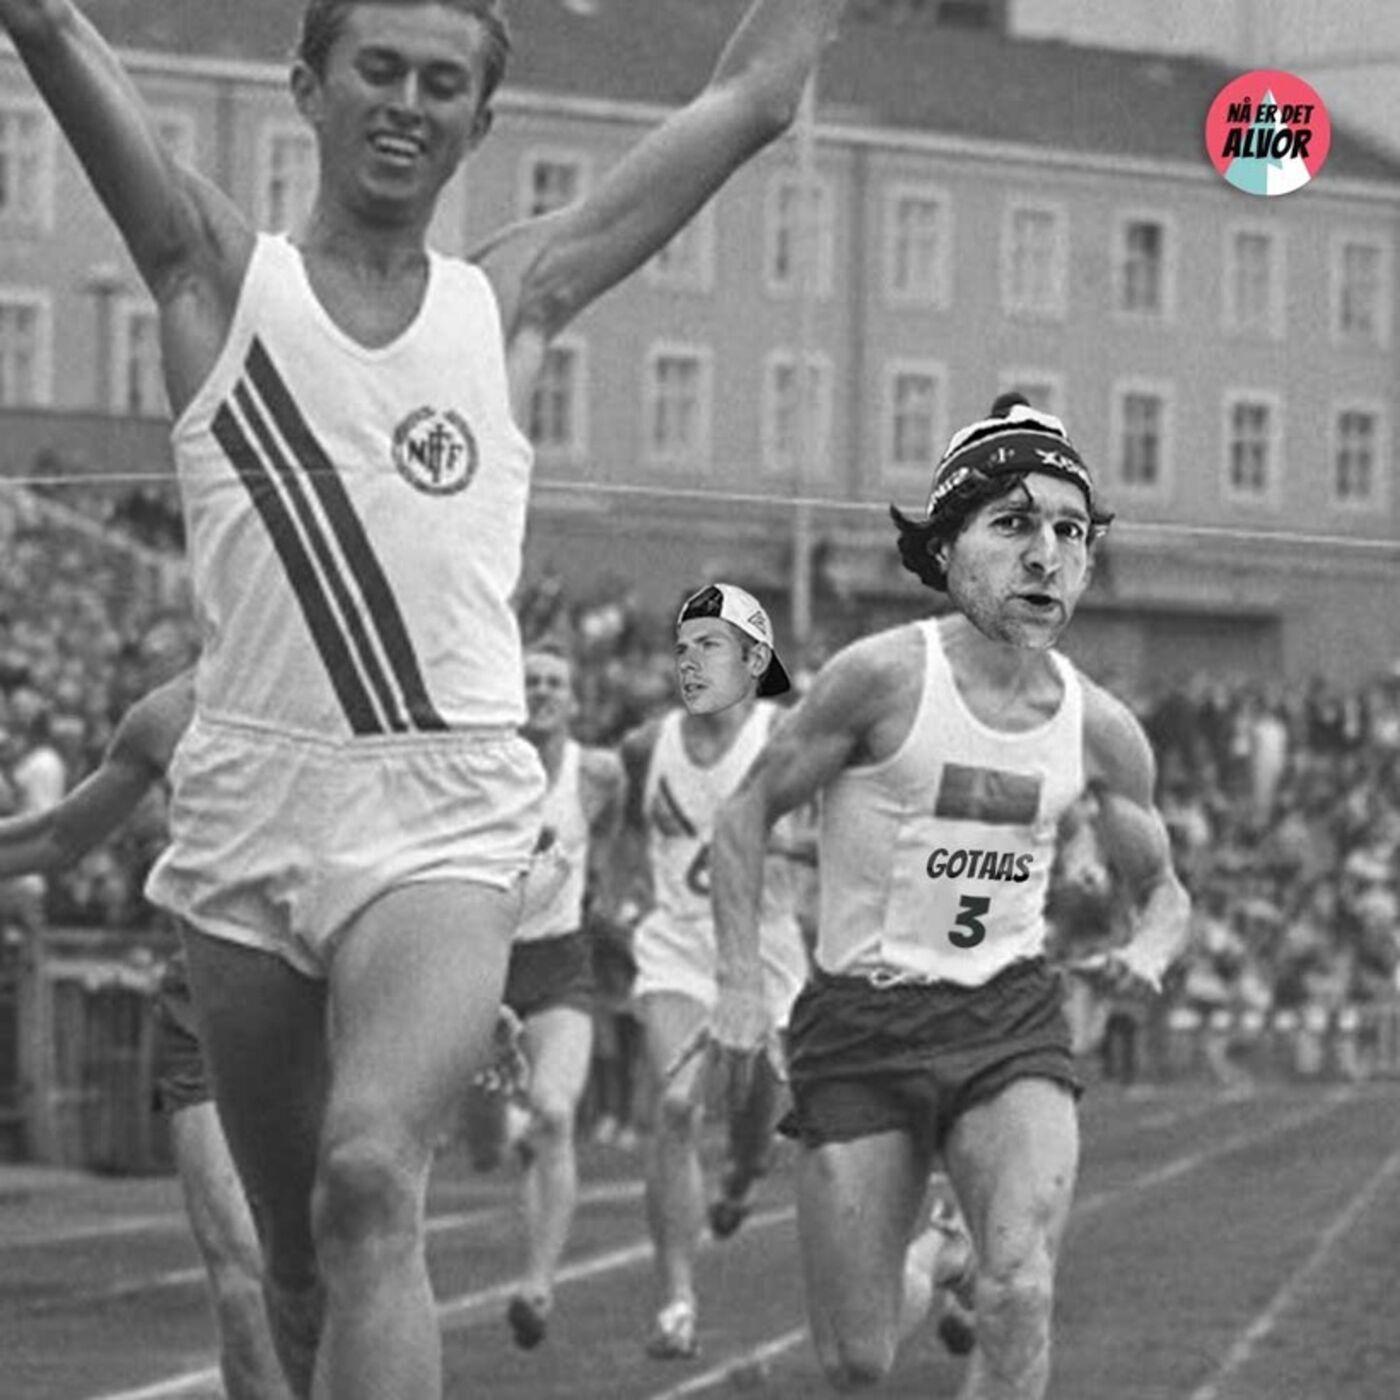 #130 - Thor Gotaas 3   Løping, En Norgeshistorie